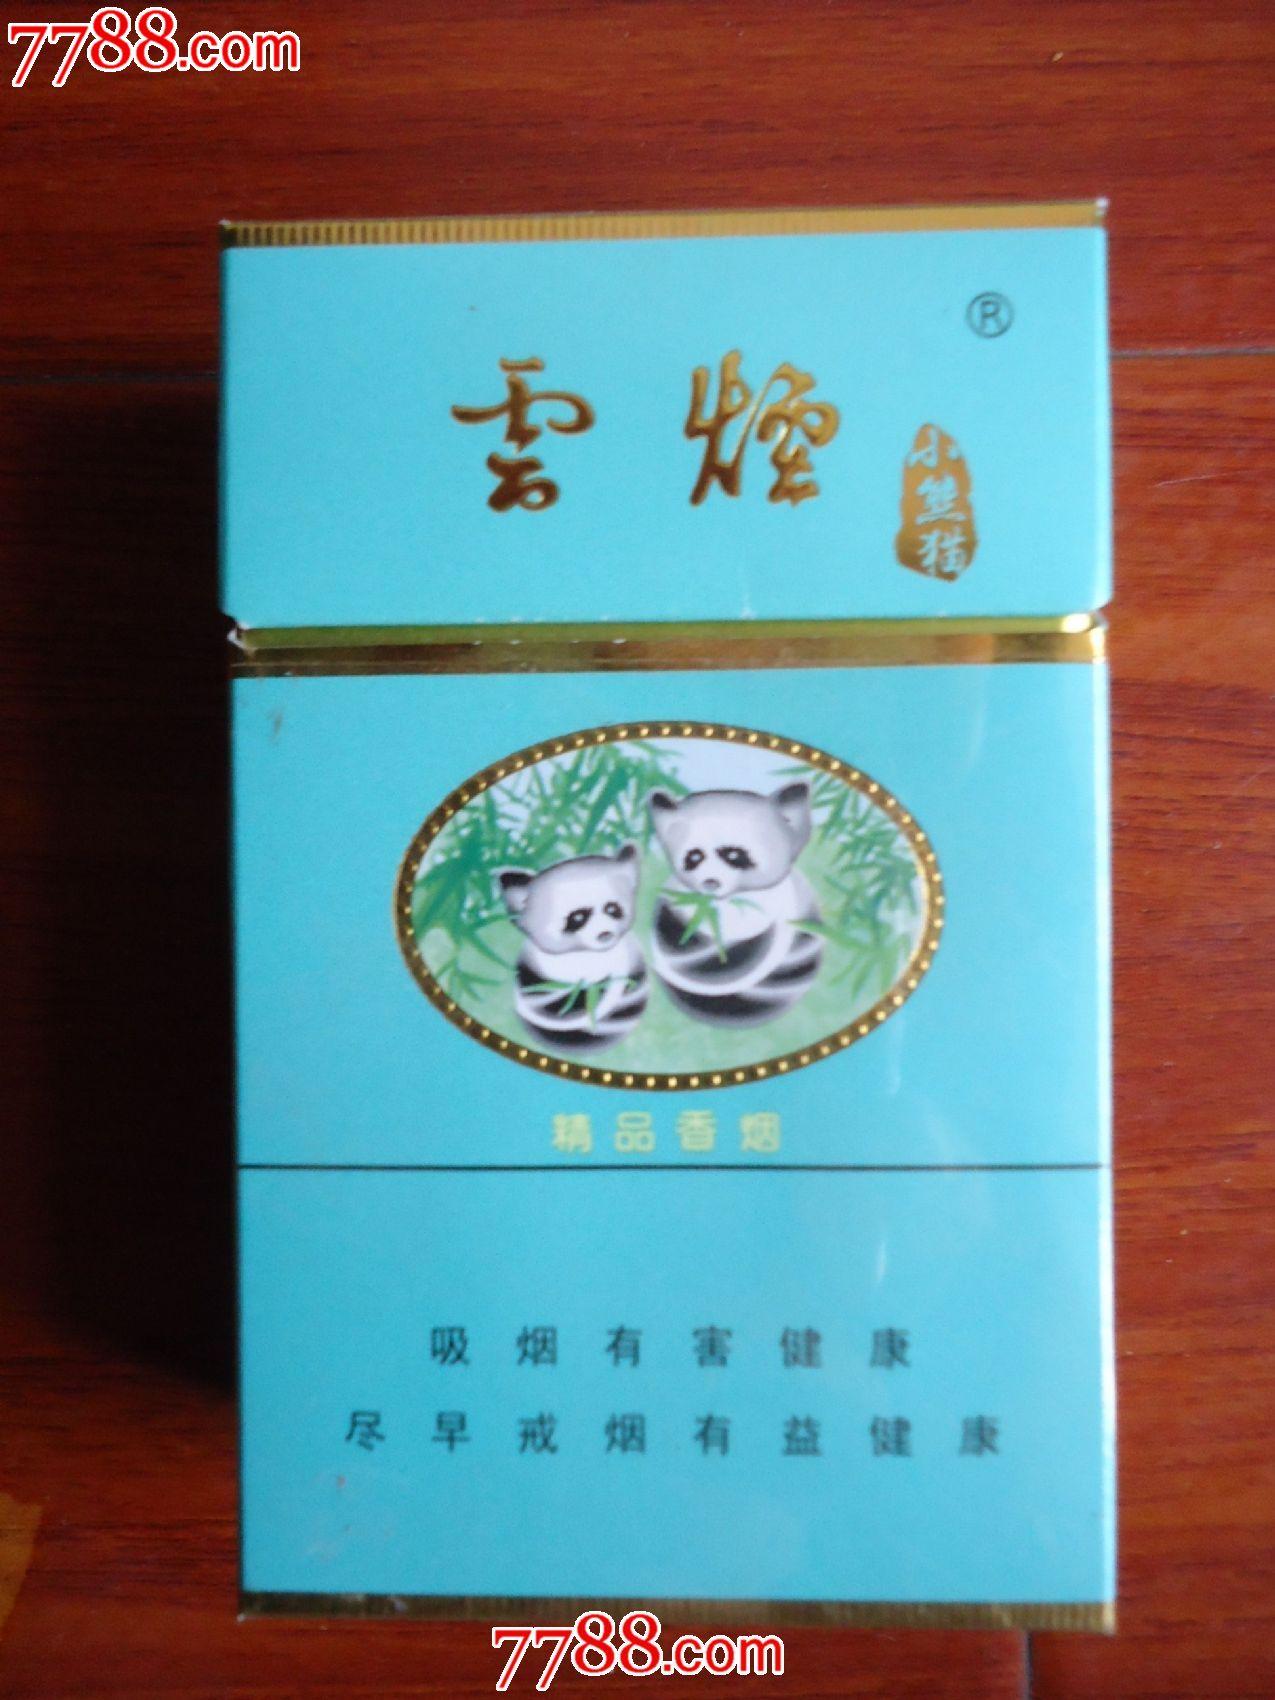 云烟小熊猫牌香烟_3d标-云烟(小熊猫)-au6418566-烟标/烟盒-加价-7788